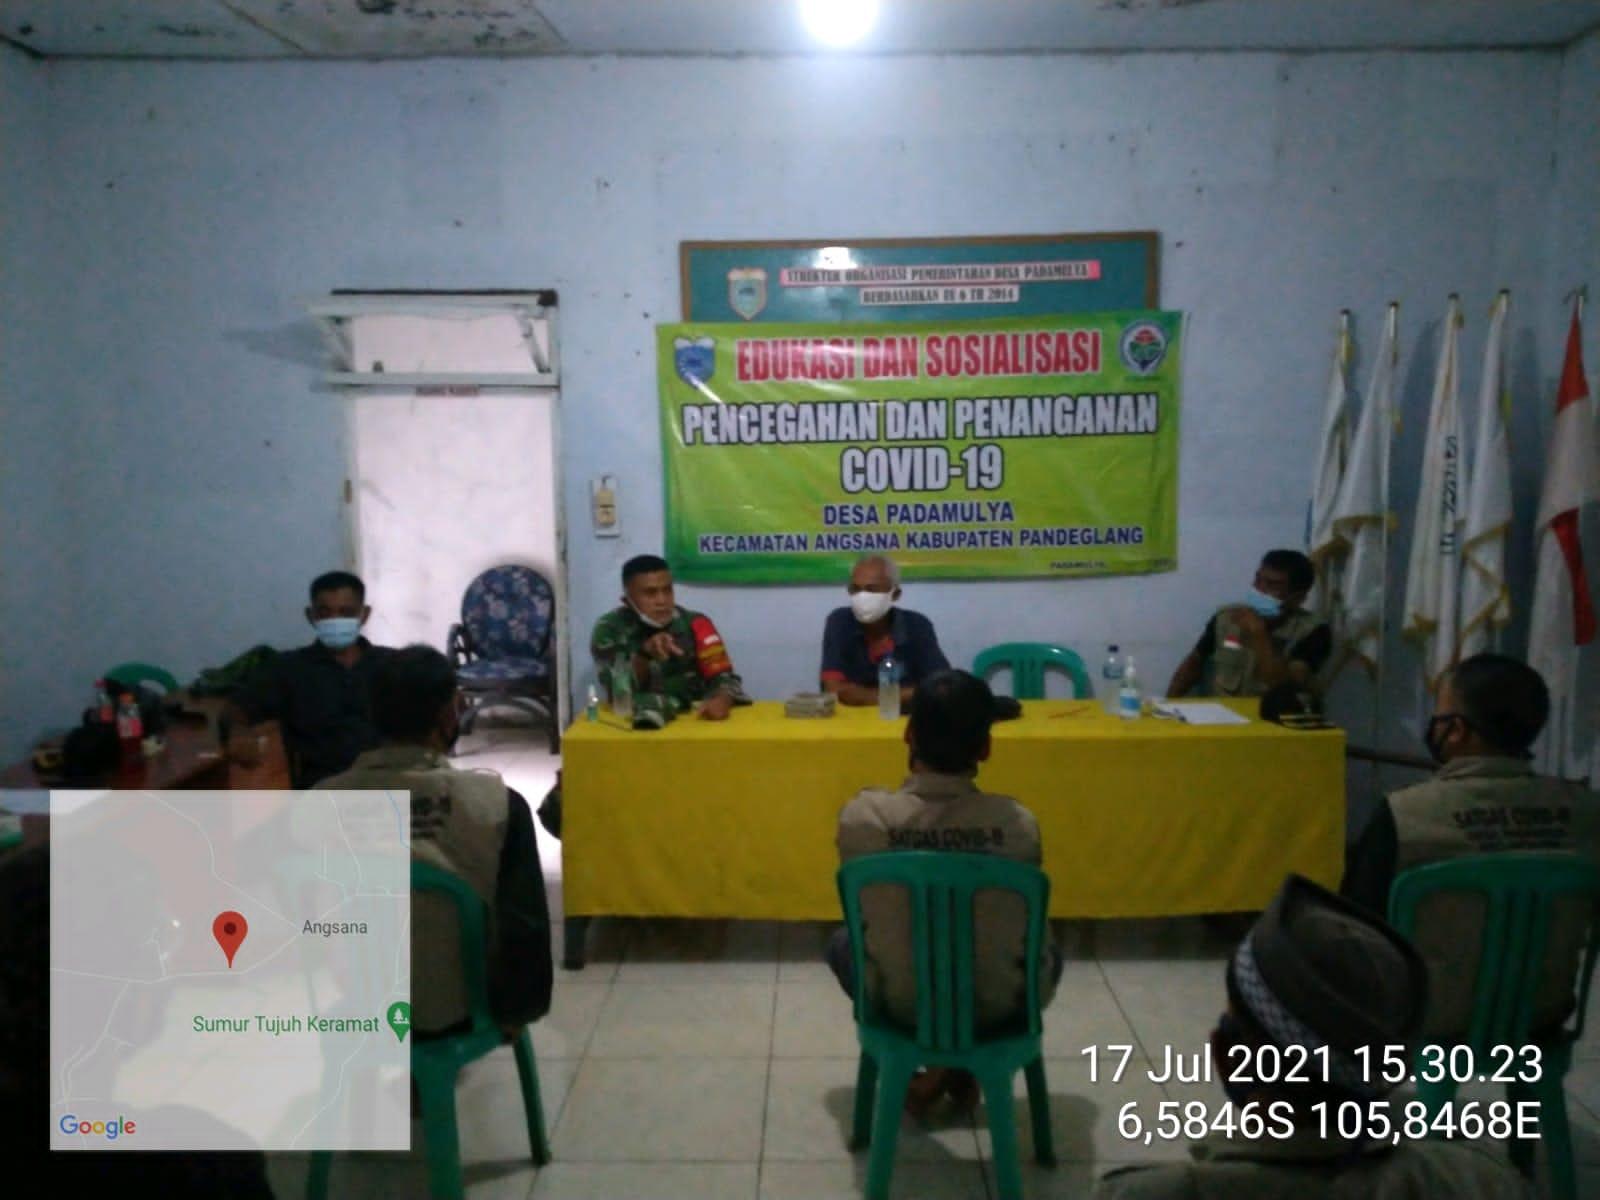 Gambar Hari Libur, Camat Angsana Road Show Perangi Covid 19 Ke Sejumlah Desa Berikan Himbauan 17